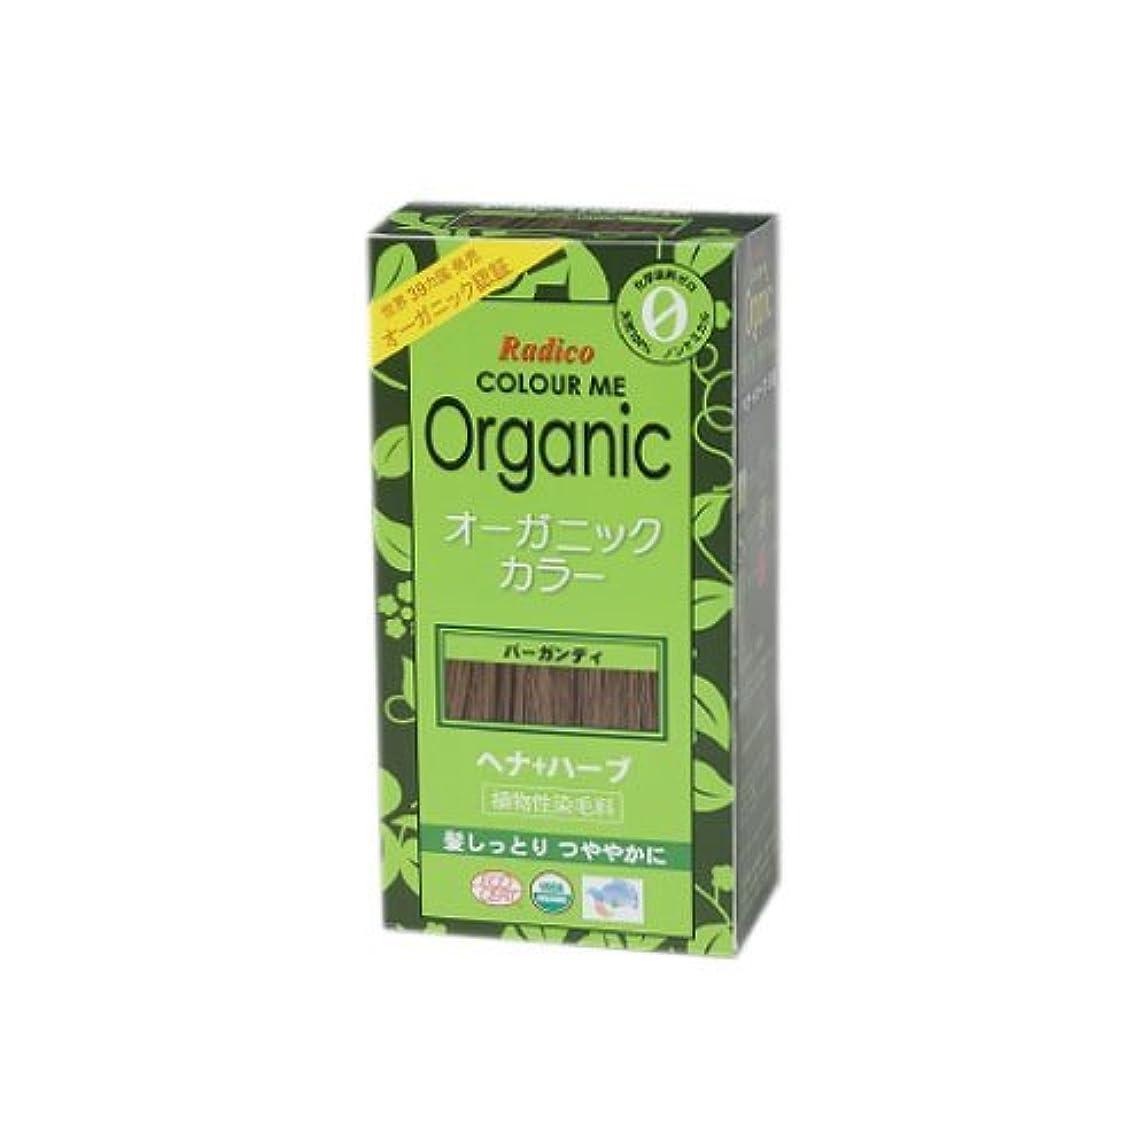 にやにや定常変換COLOURME Organic (カラーミーオーガニック ヘナ 白髪用) バーガンディ 100g